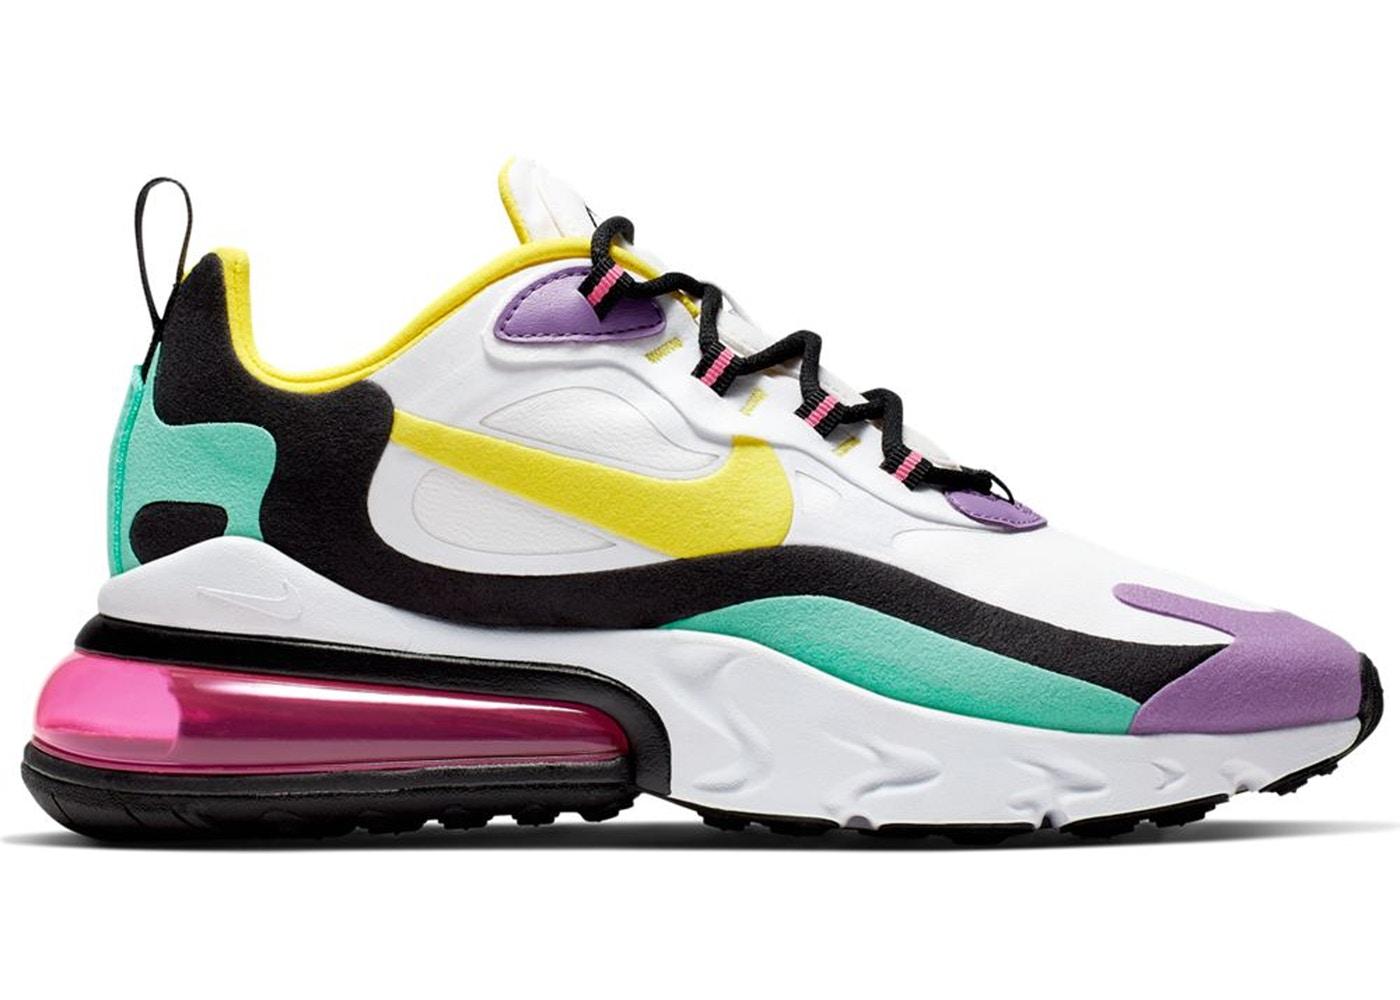 ナイキ レディース エアマックス270 Nike Air Max 270 スニーカー White/Dynamic Yellow/Black/Bright